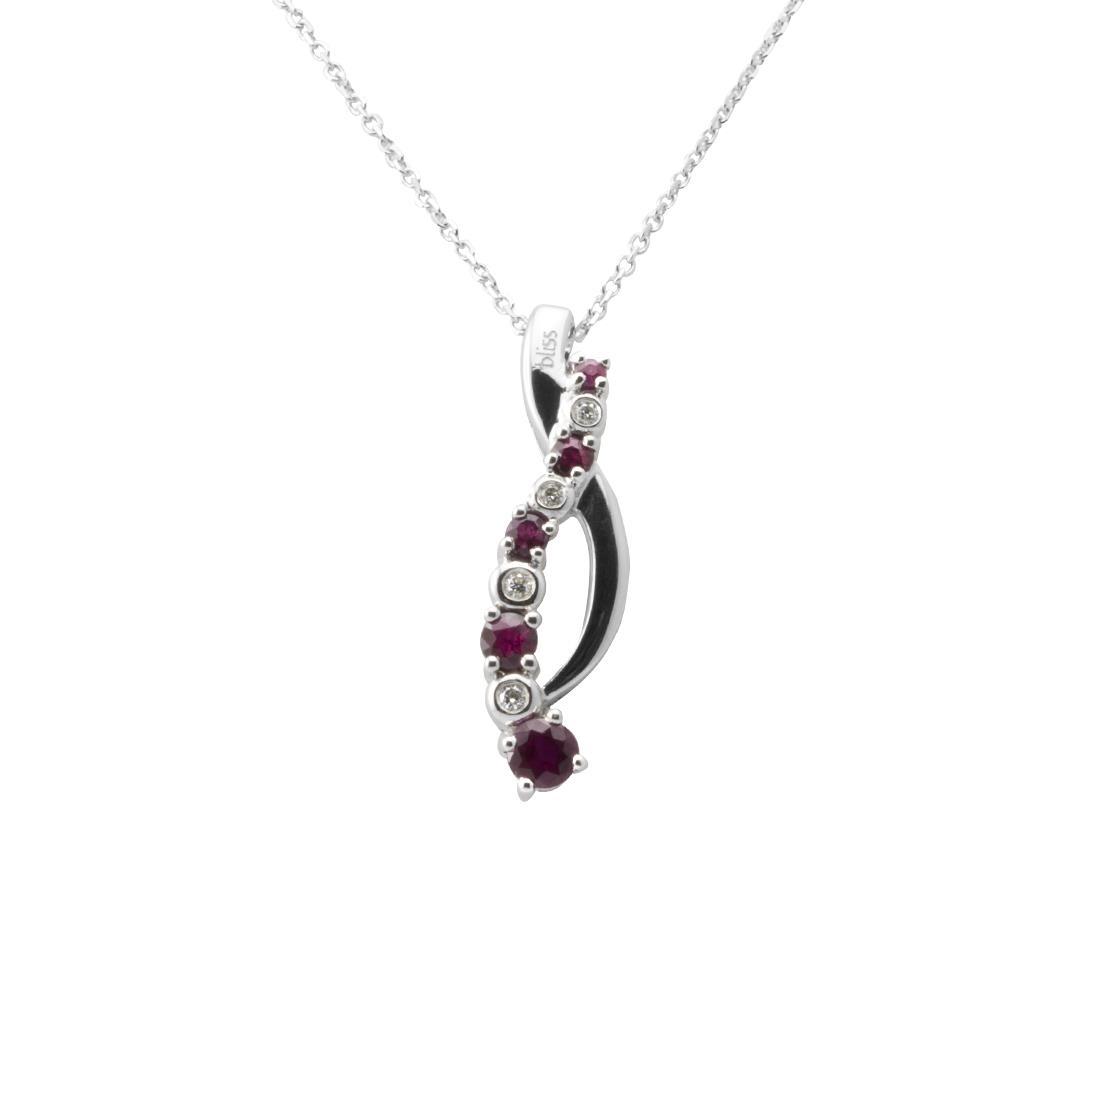 Collana in oro bianco con diamanti e rubini - BLISS